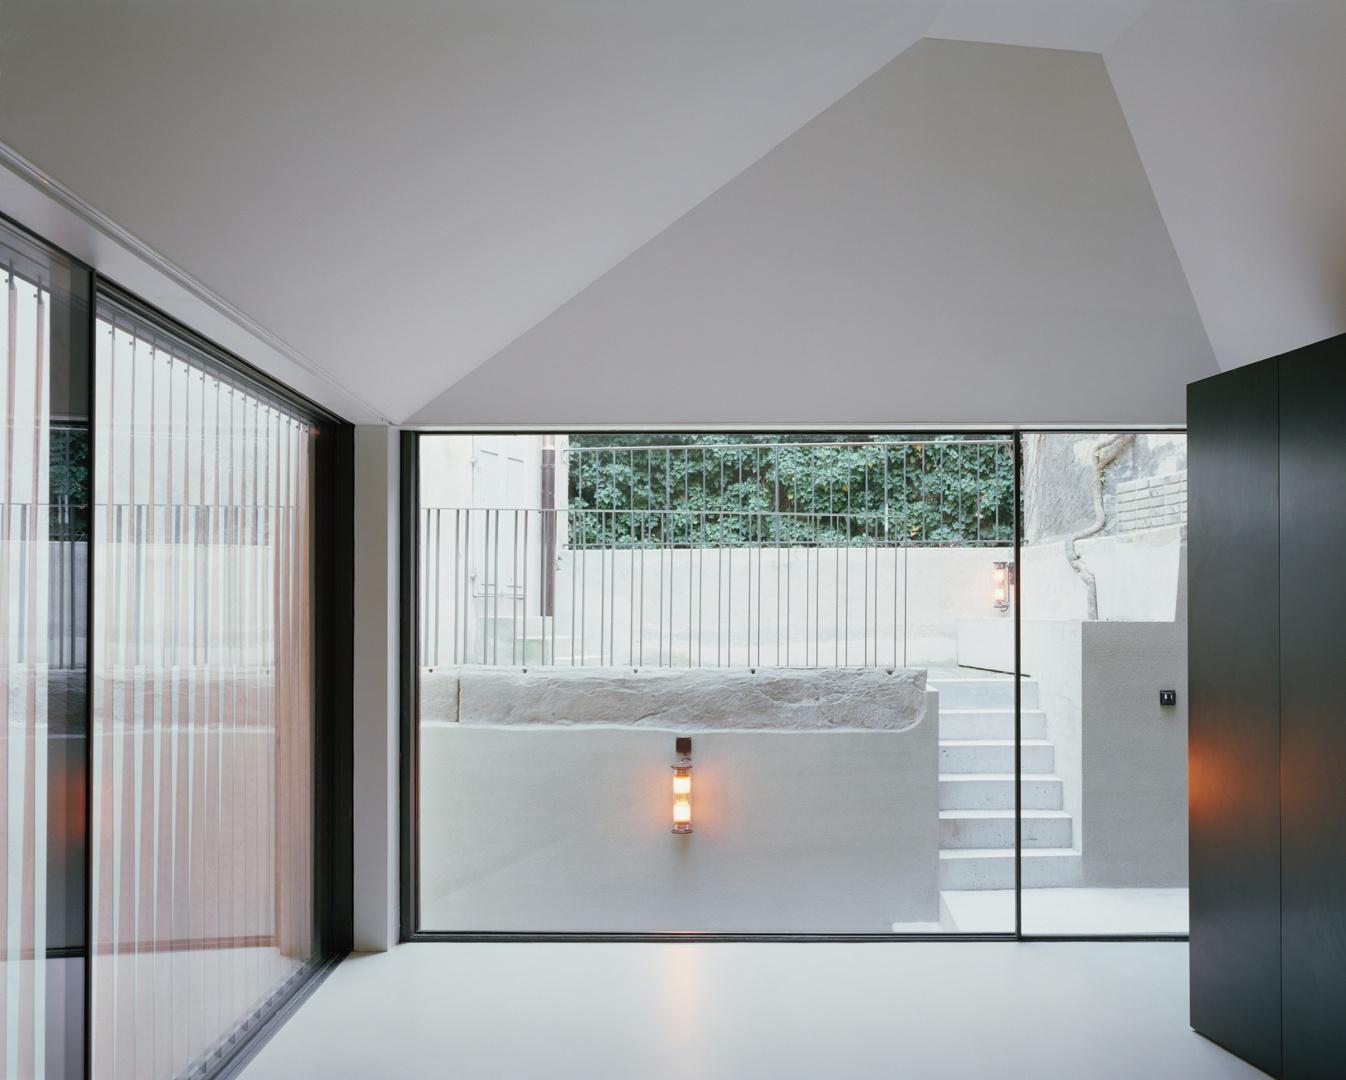 Wohnung © Joël Tettamanti, www.tettamanti.ch